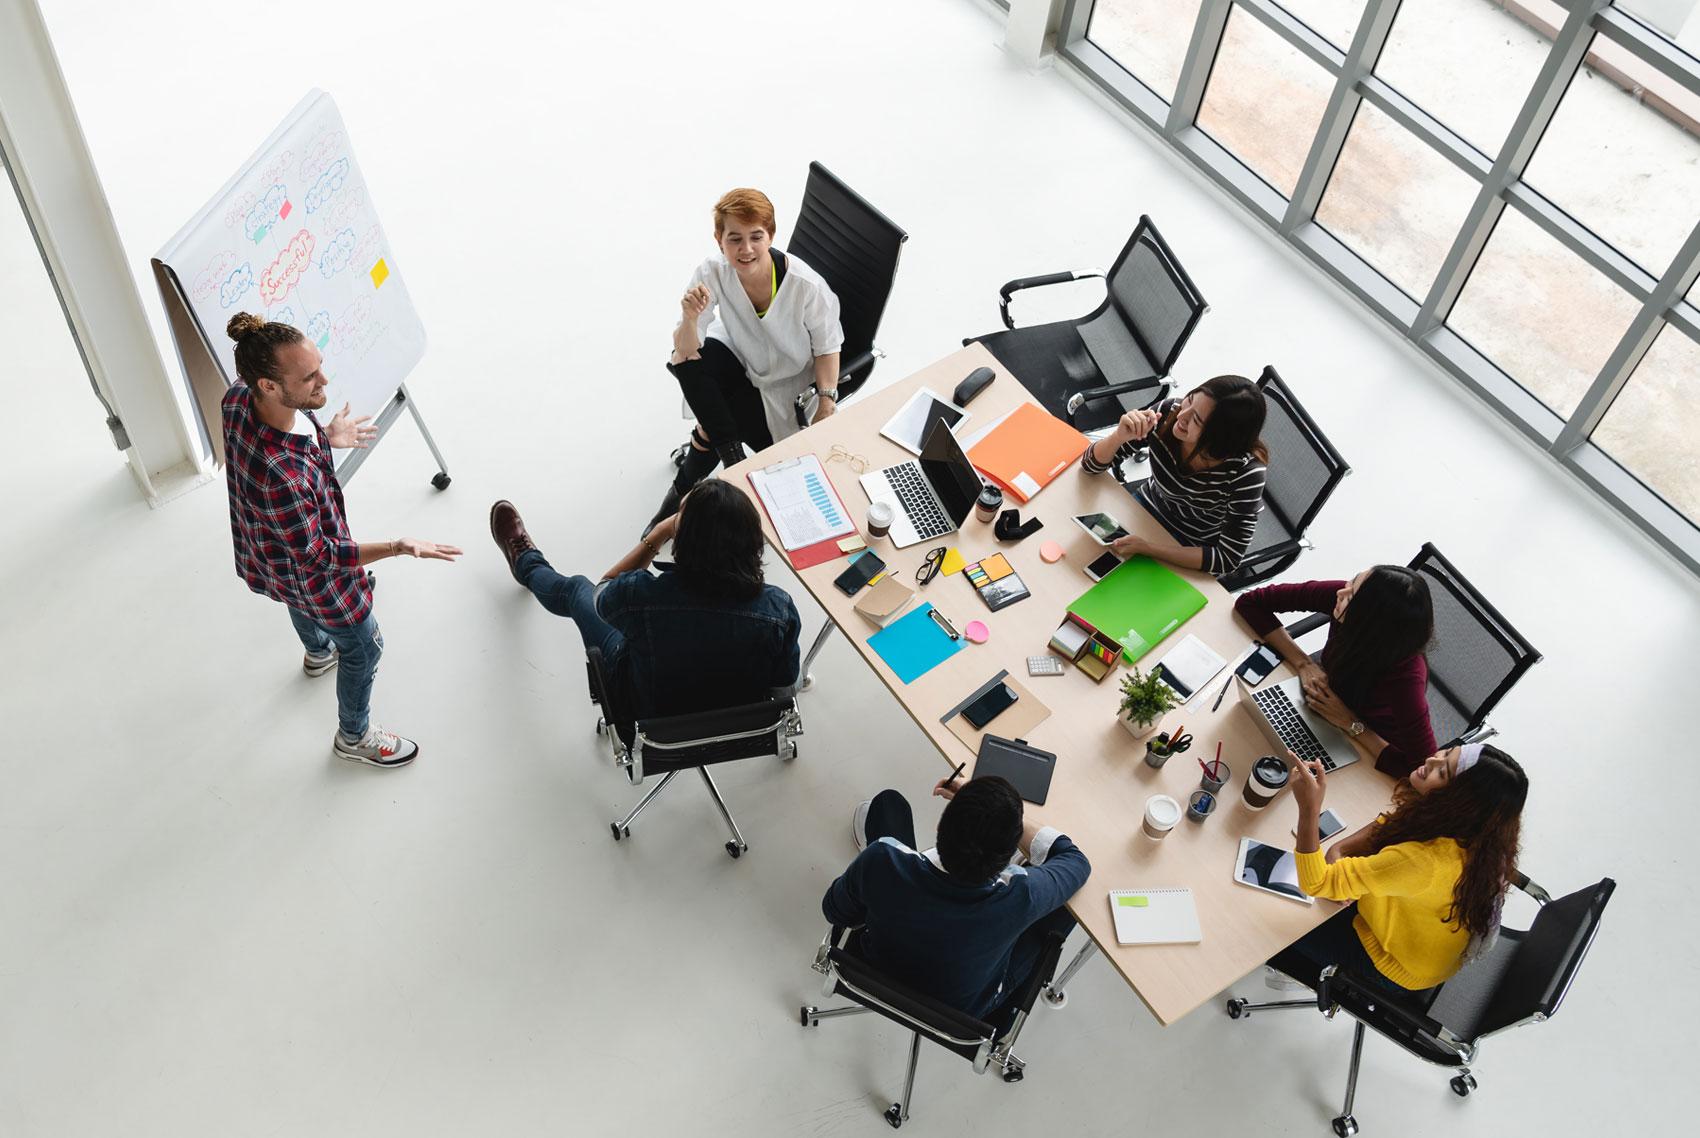 Tipos de soluciones de colaboración empresarial